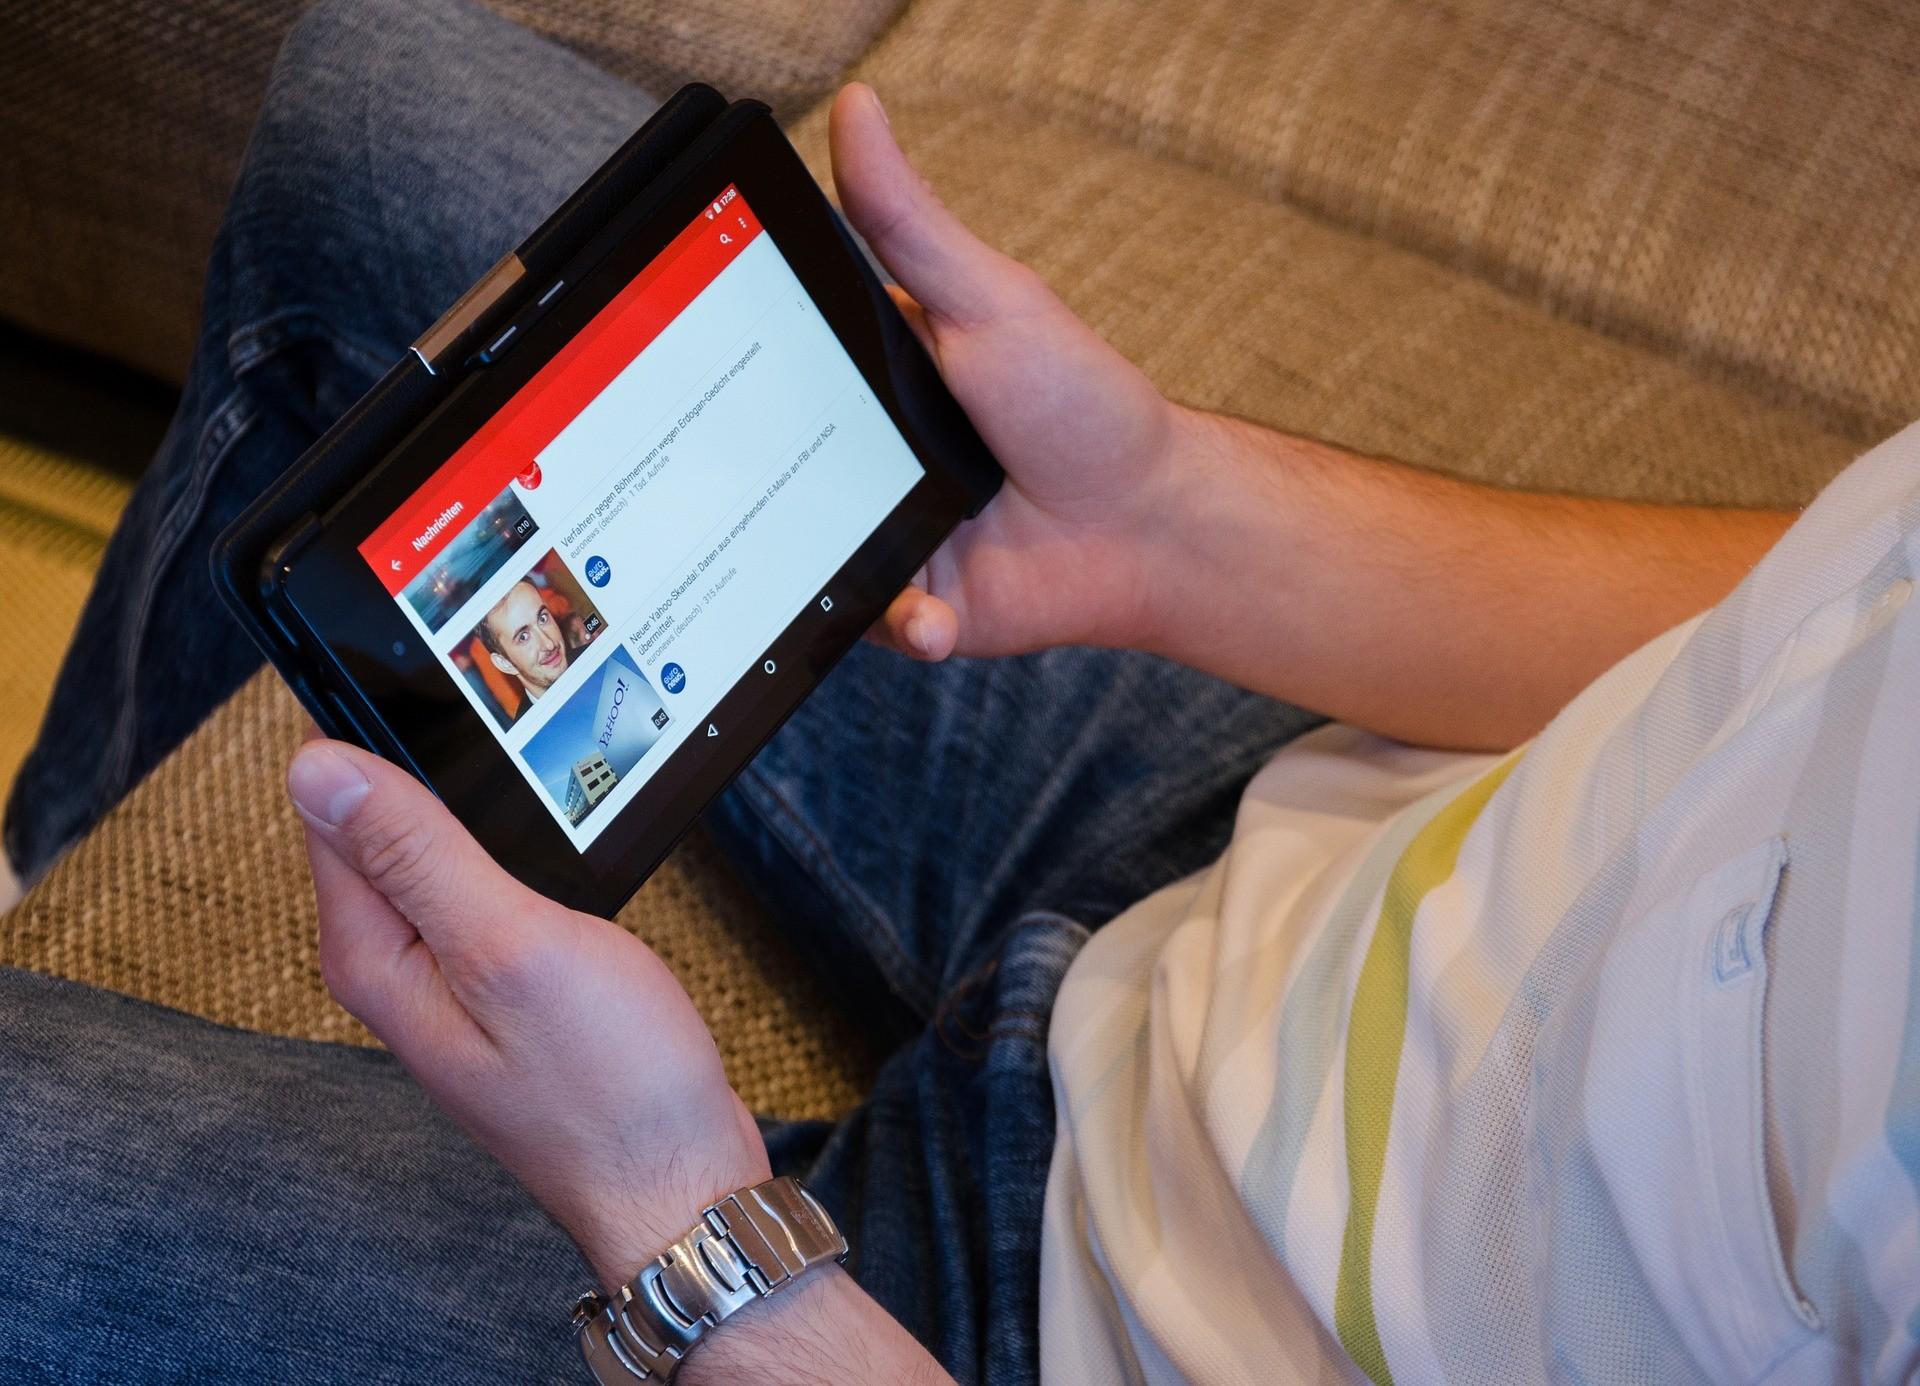 ▲ 手機,平板,Youtube,螢幕,藍光。(圖/取自免費圖庫Pixabay)